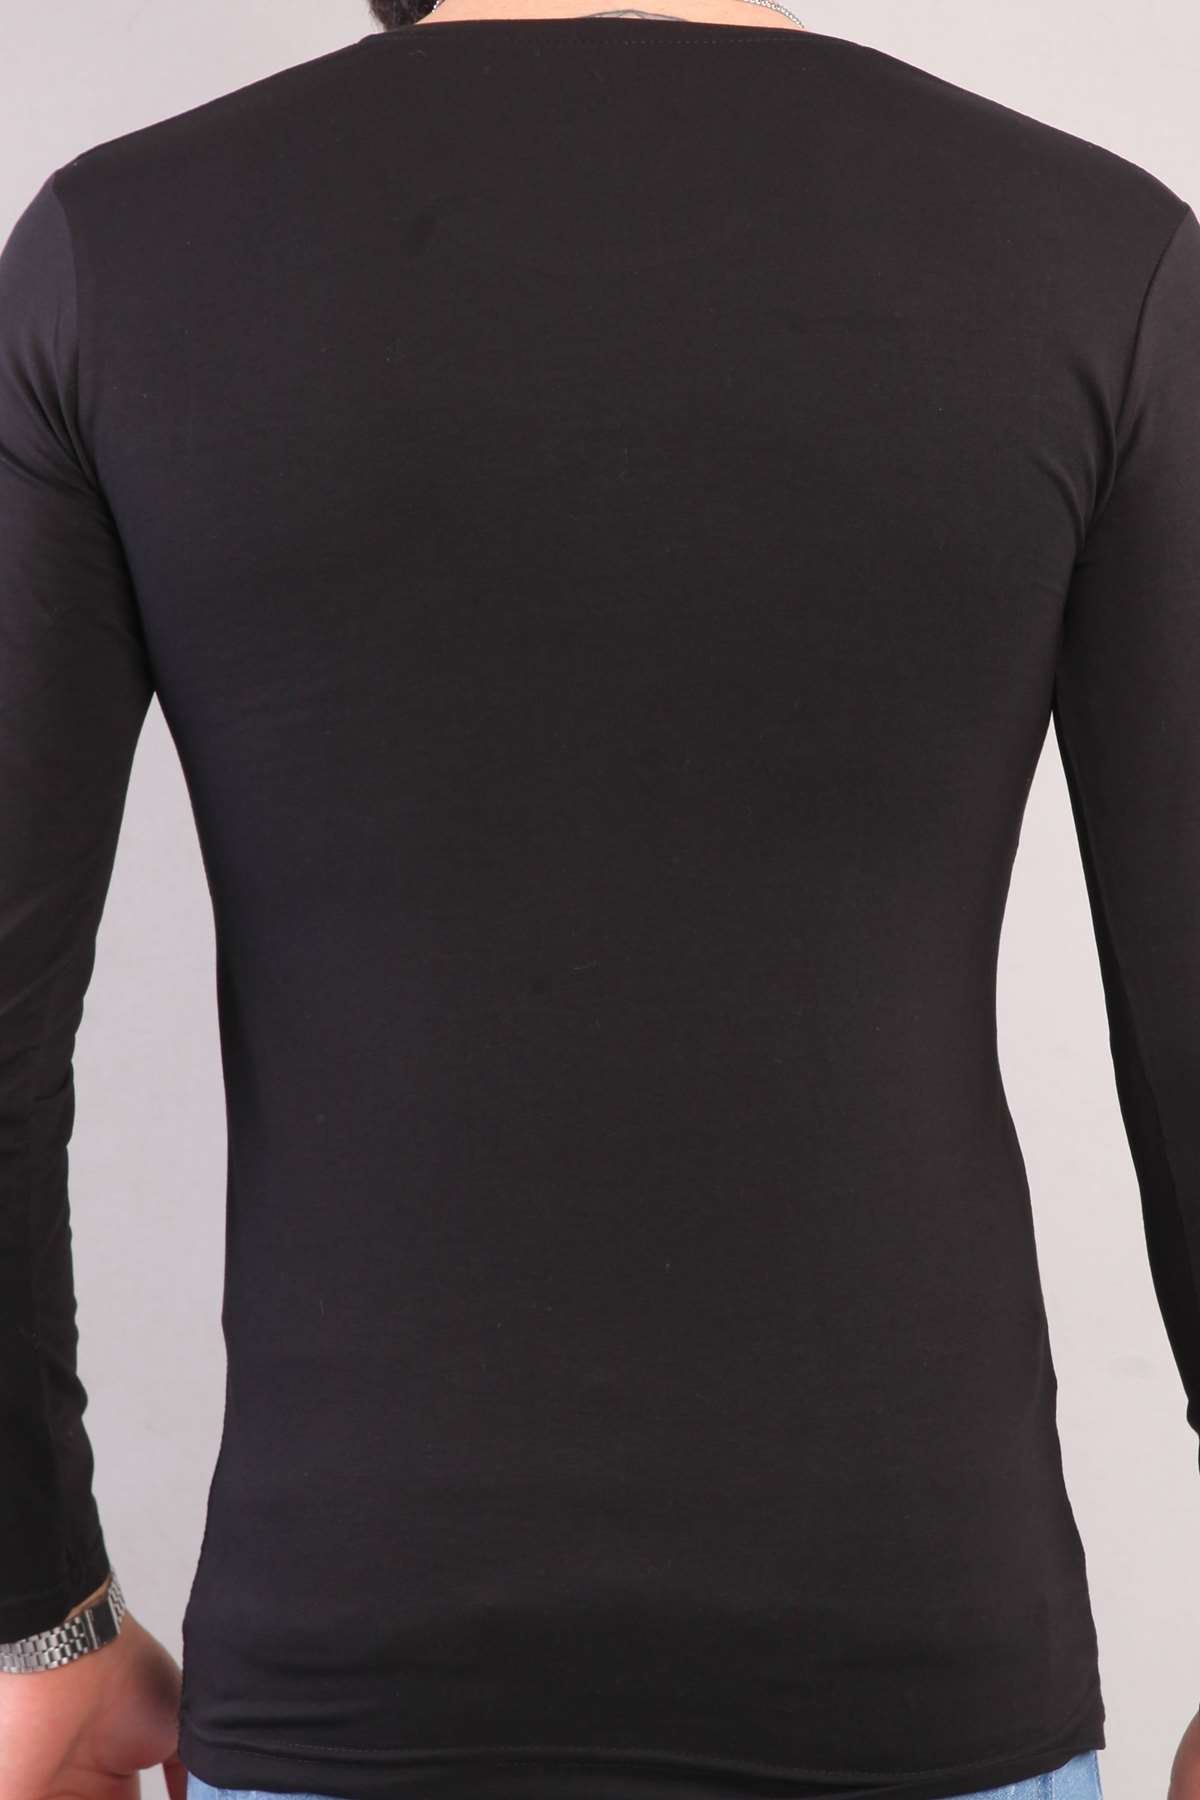 Pubg Yazılı Kuru Kafa Silah Baskılı Sweatshirt Siyah